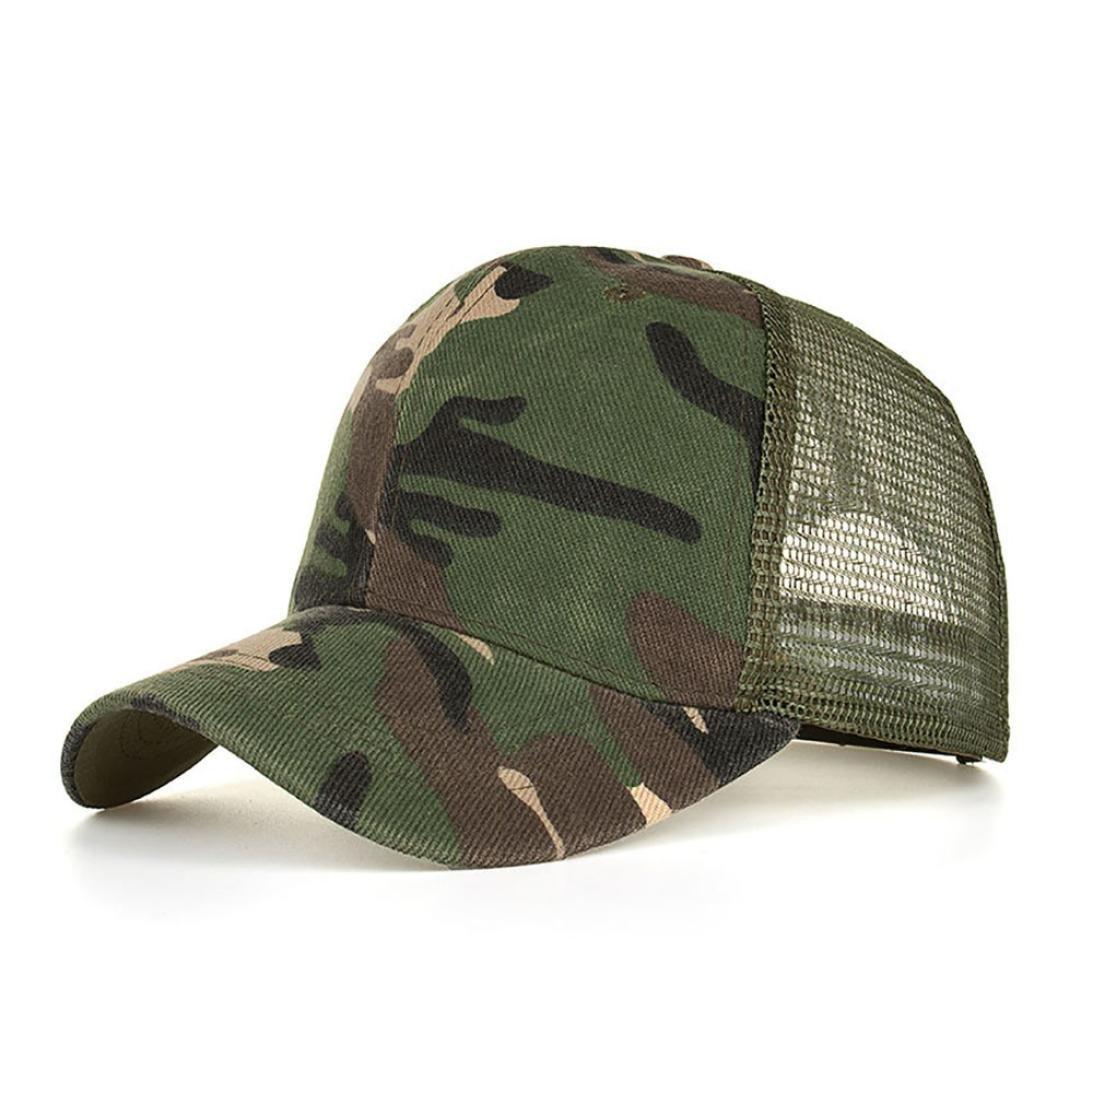 LMMVP Sombrero Sombreros de Malla de Verano Gorro de Camuflaje para ... b350205cfa9